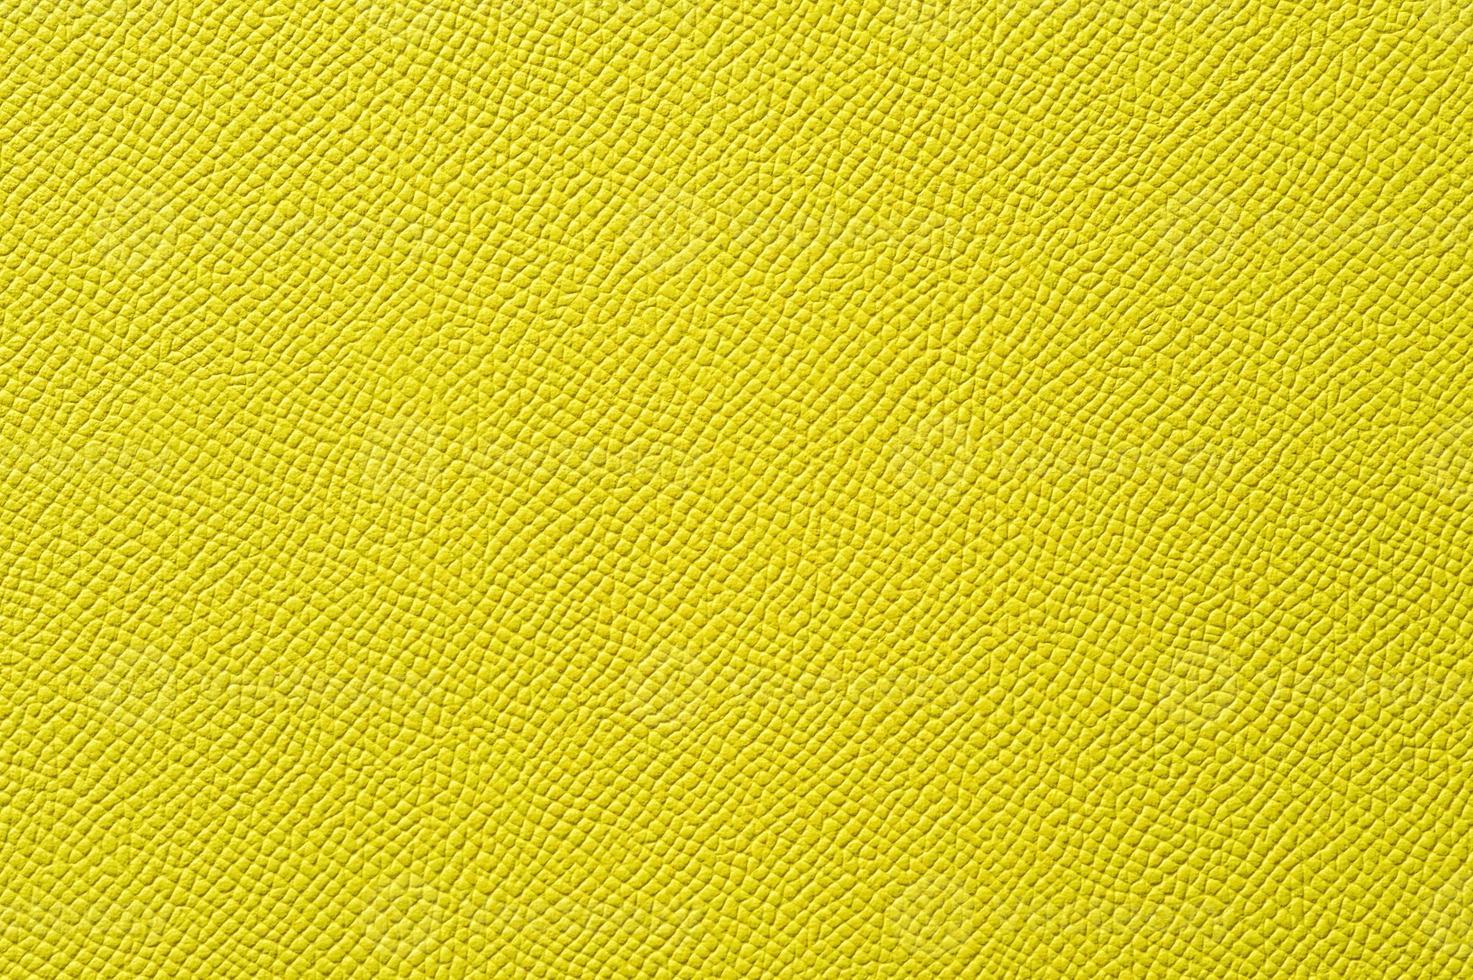 Nahaufnahme der nahtlosen gelben Lederstruktur foto